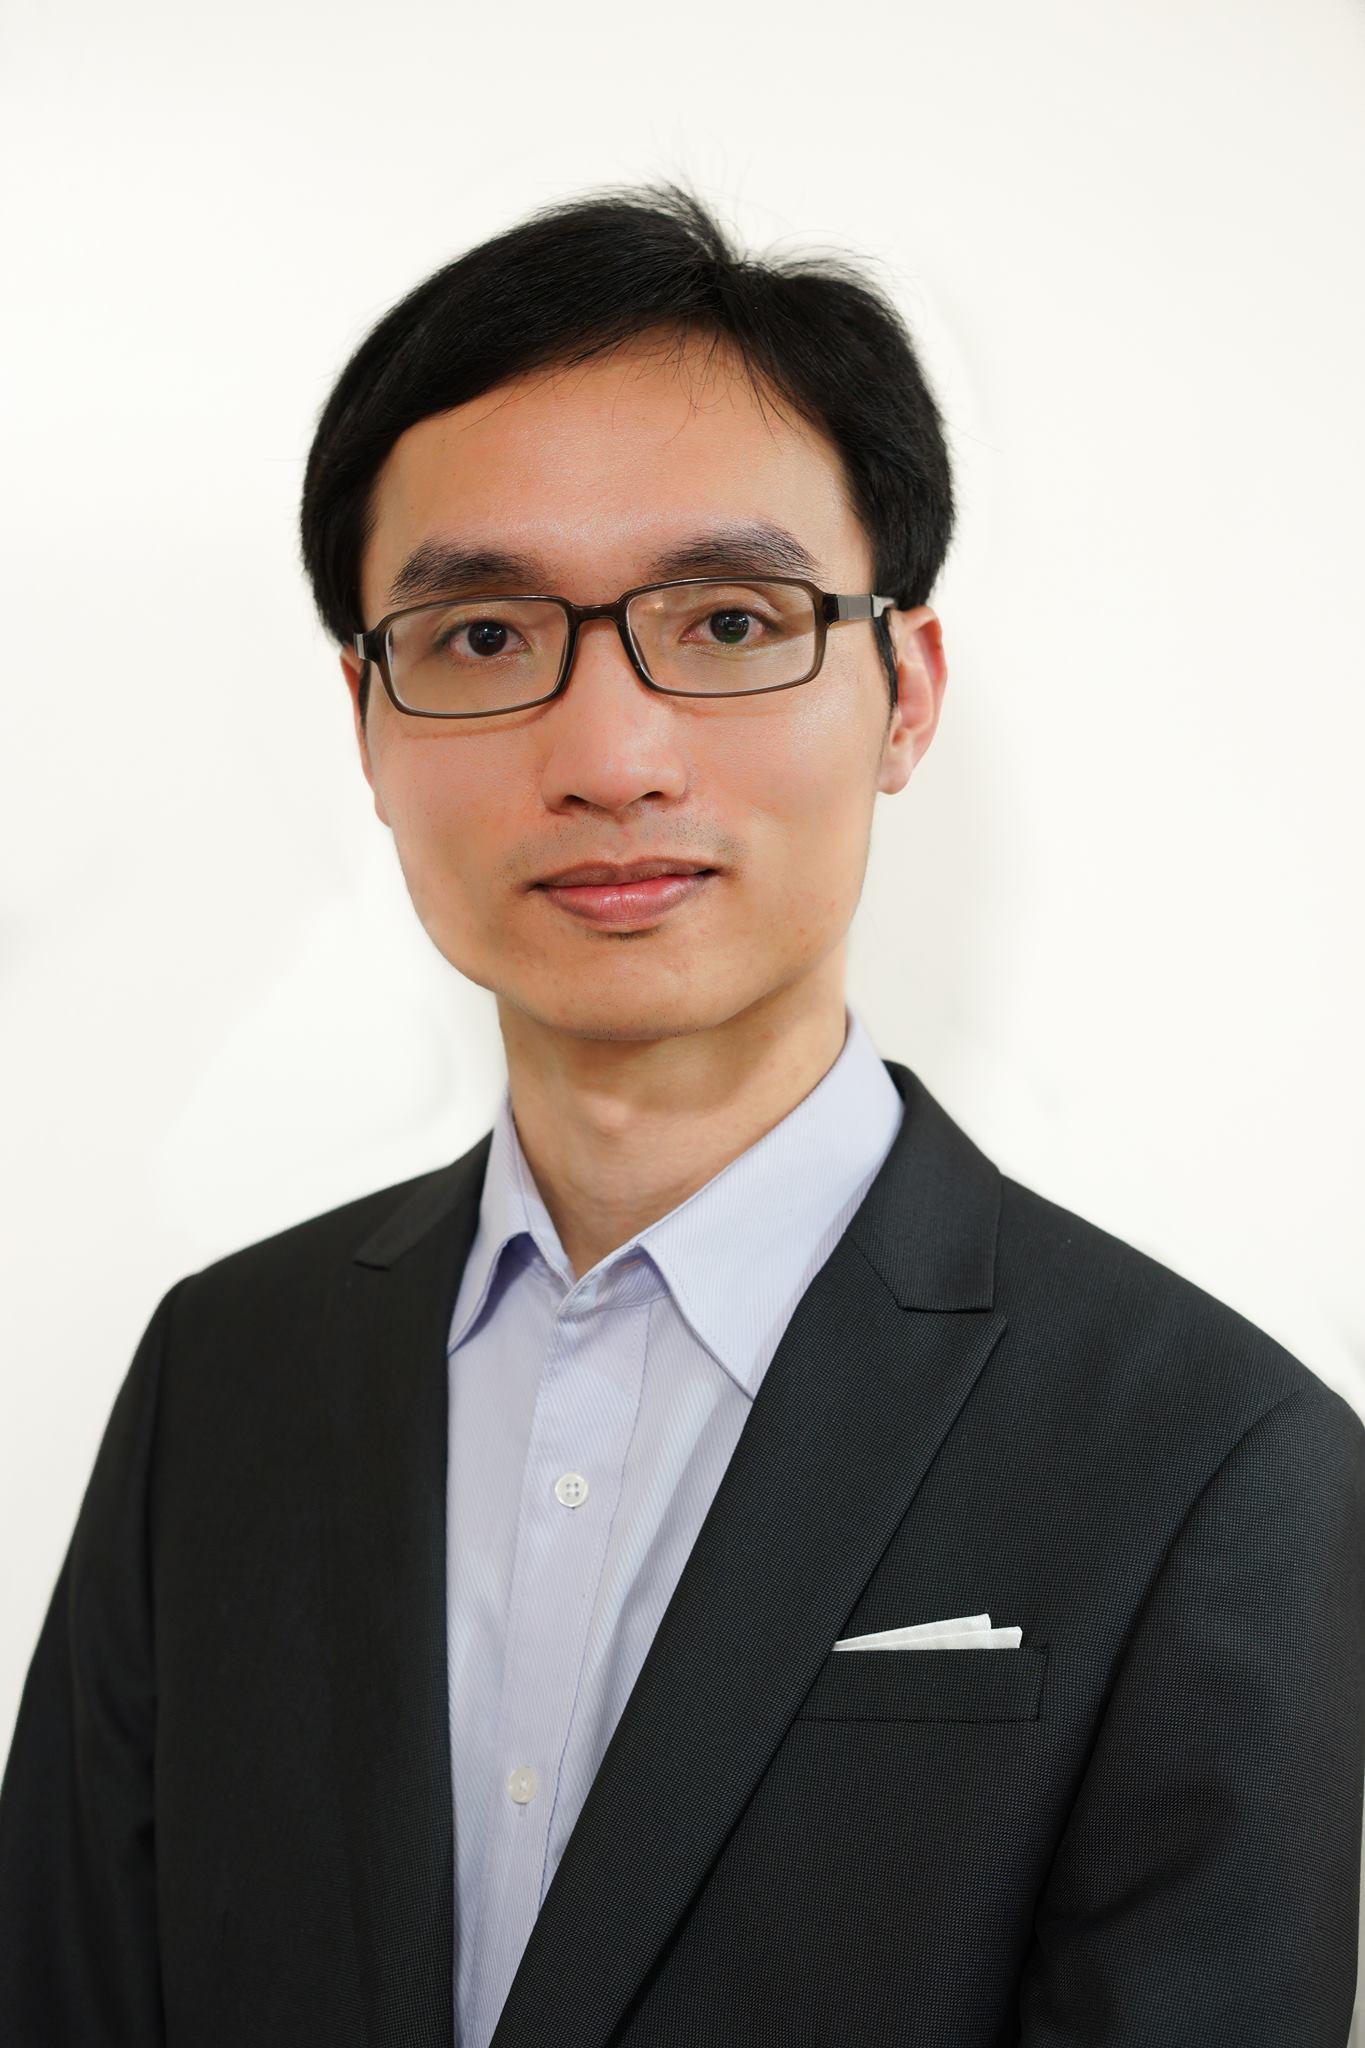 Shuangfa Huang